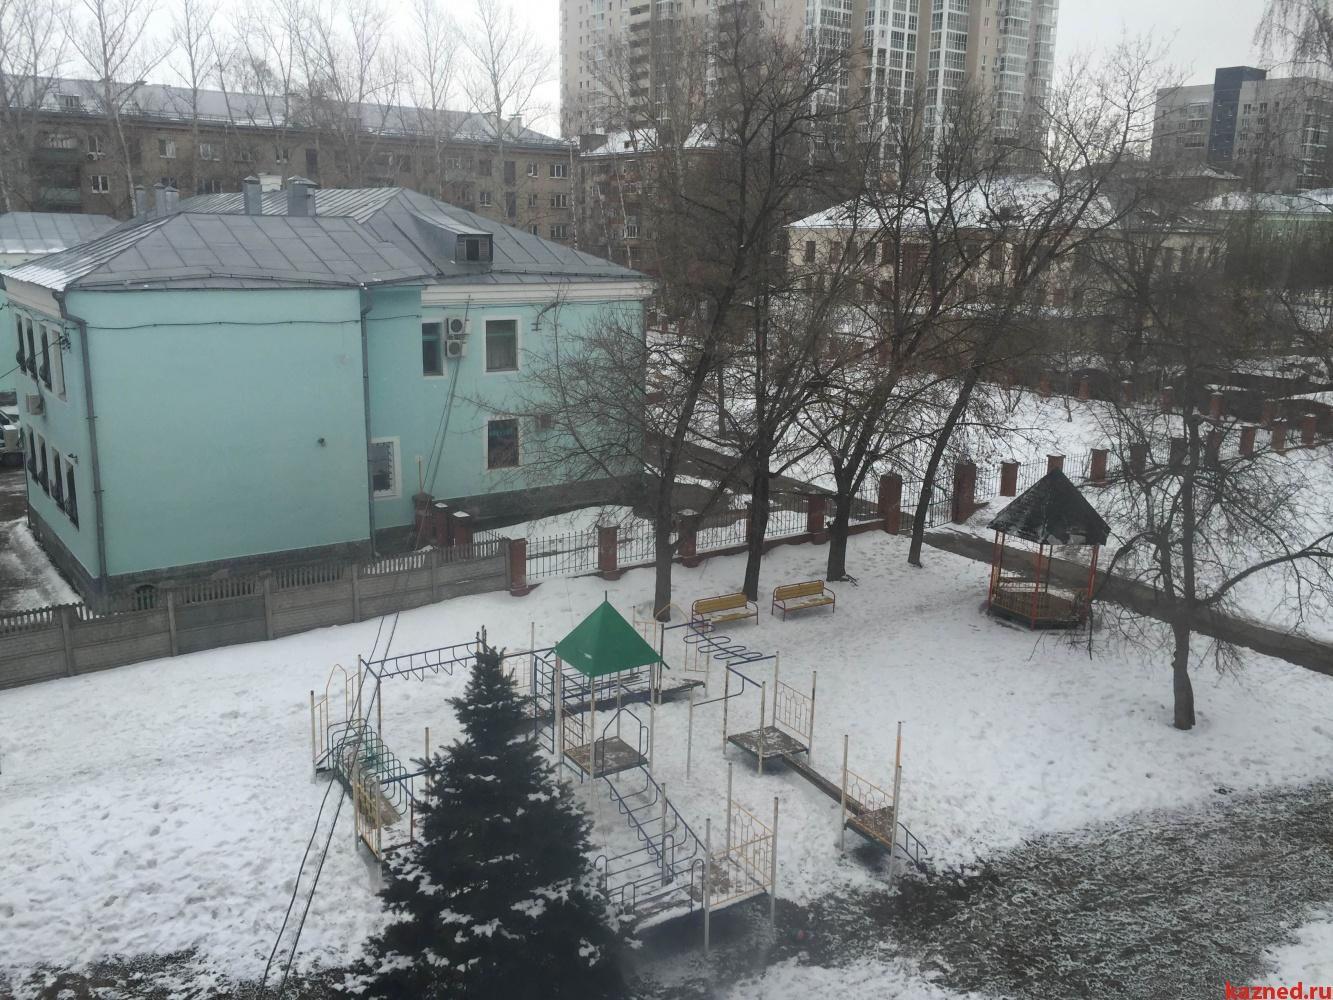 Продажа 2-к квартиры Заря, д.24, 0 м² (миниатюра №6)